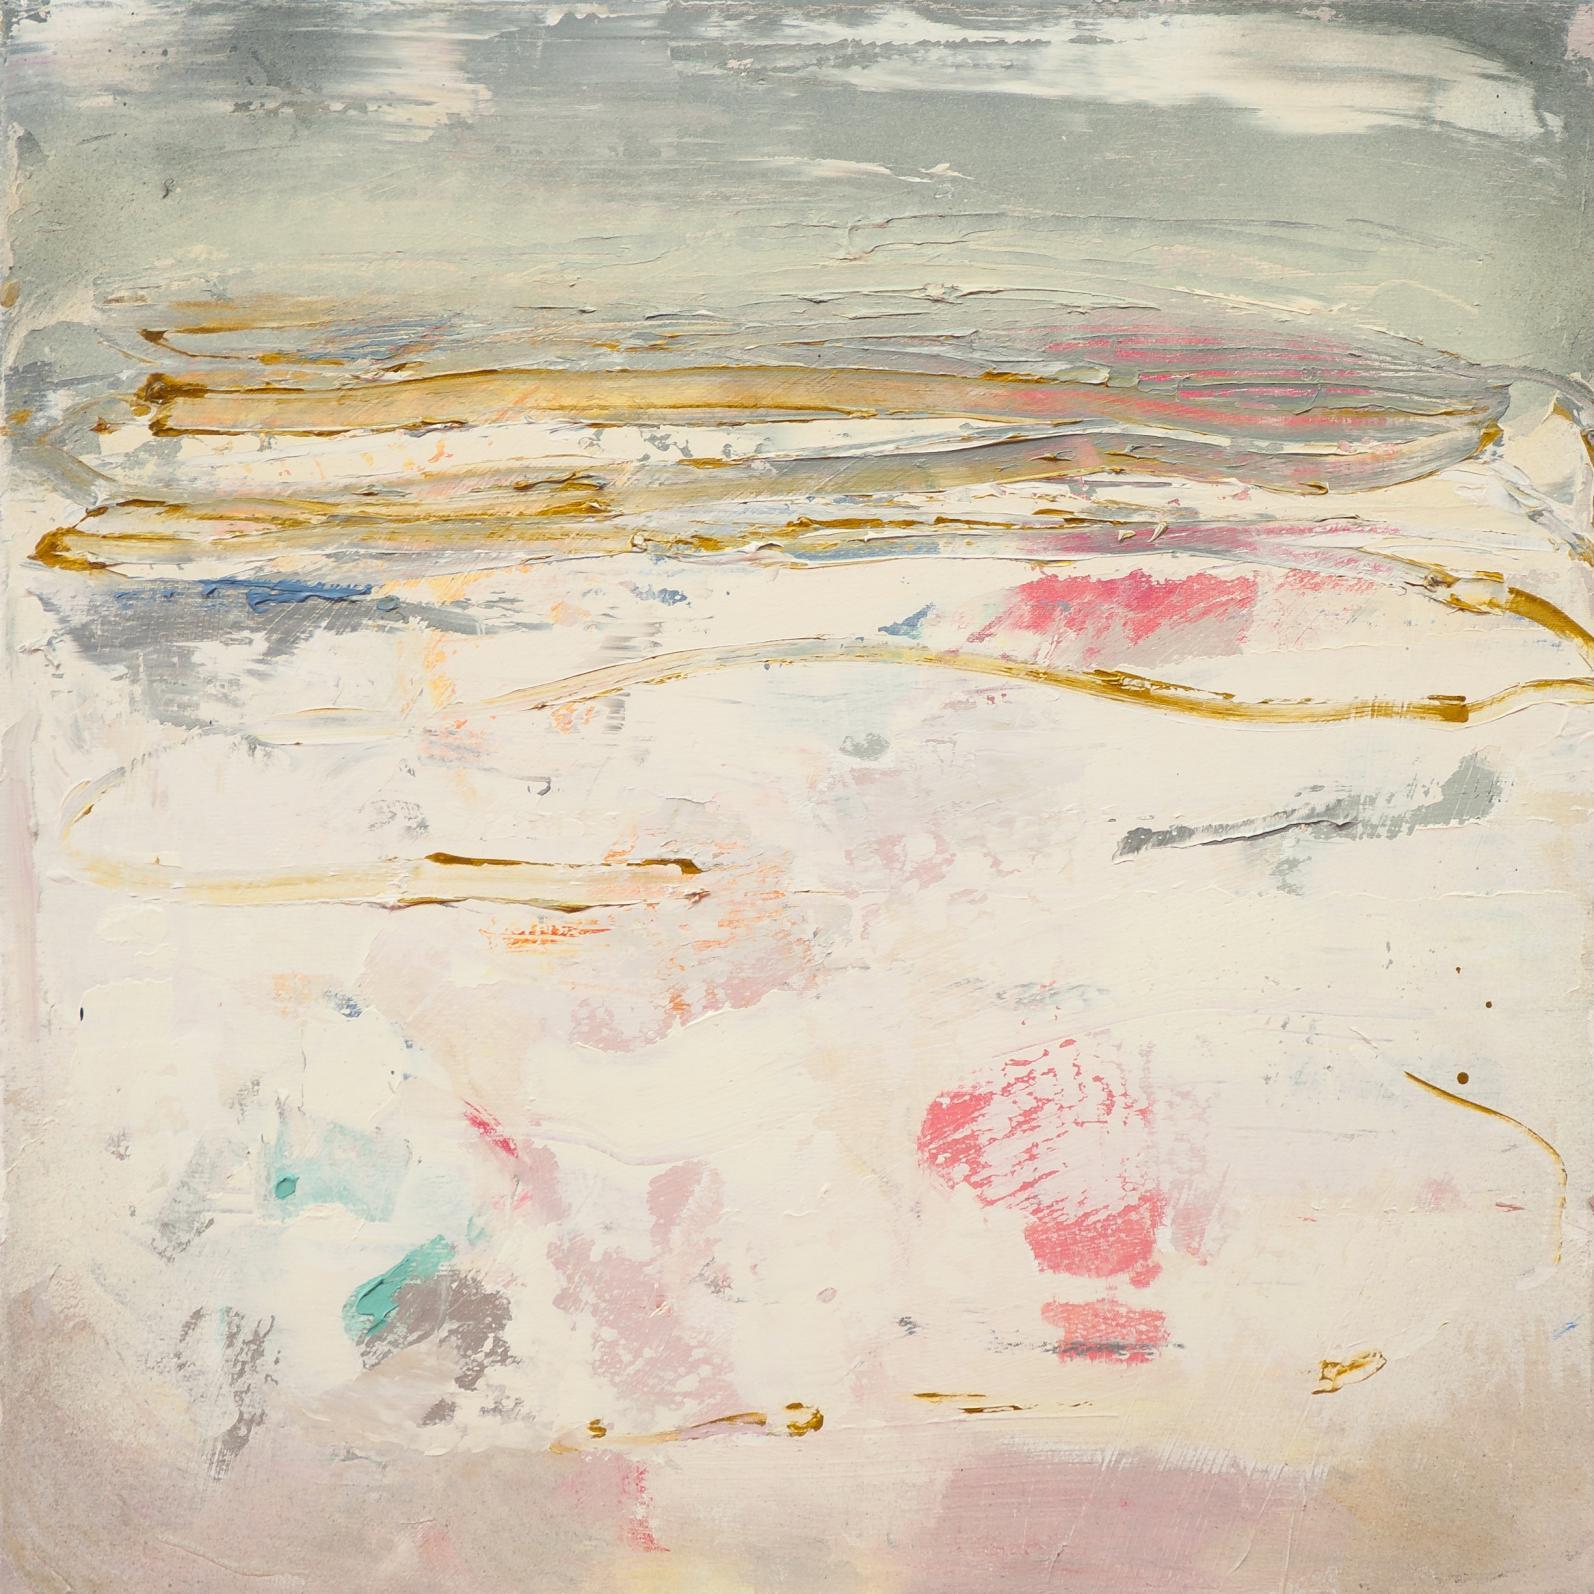 Paisaje abstracto 3 (2019) - Susana Sancho Beltrán